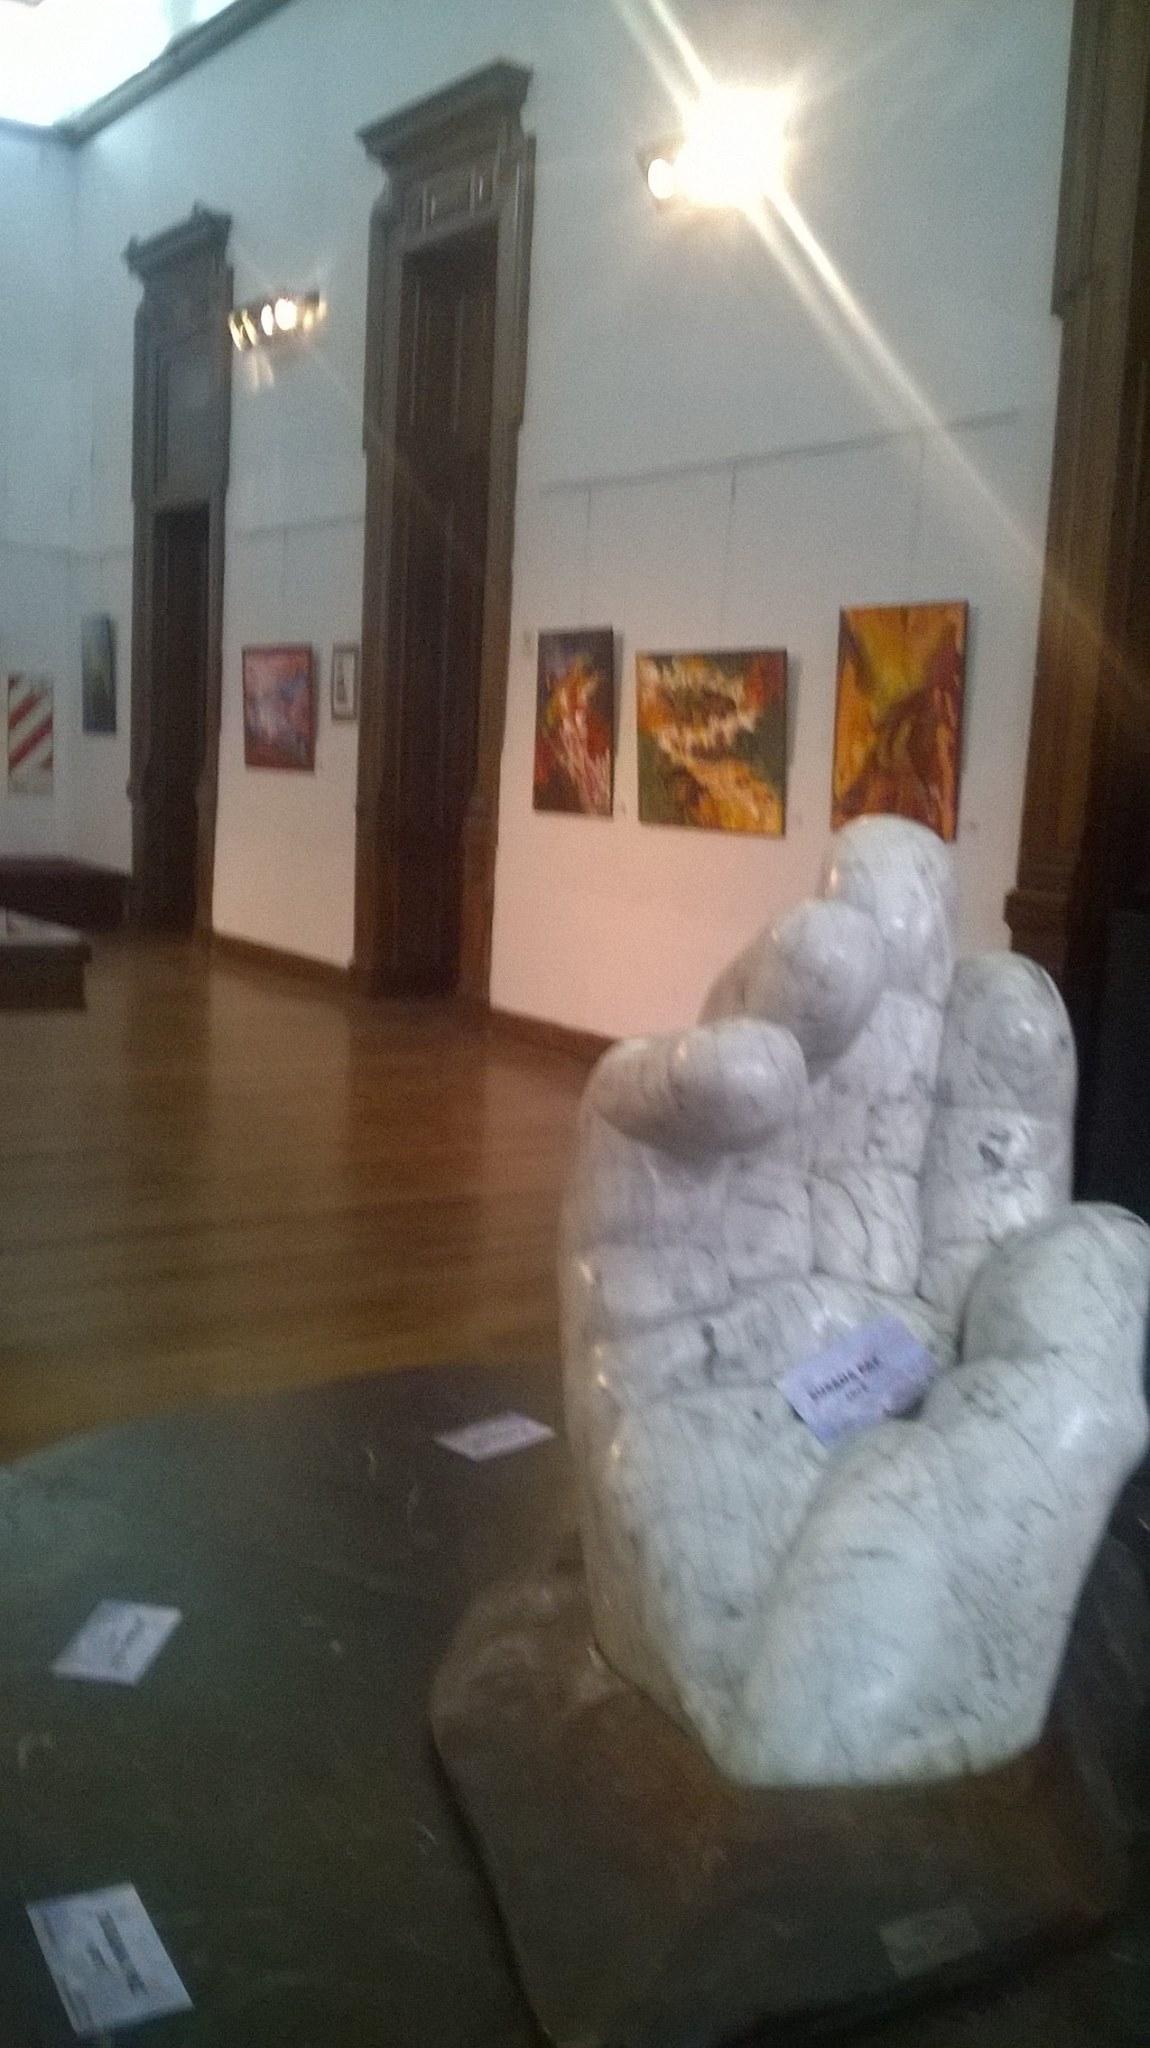 Centro cultural Barracas al Sud - Sala de exhibición de artes visuales en el Centro Cultural Barracas al Sud